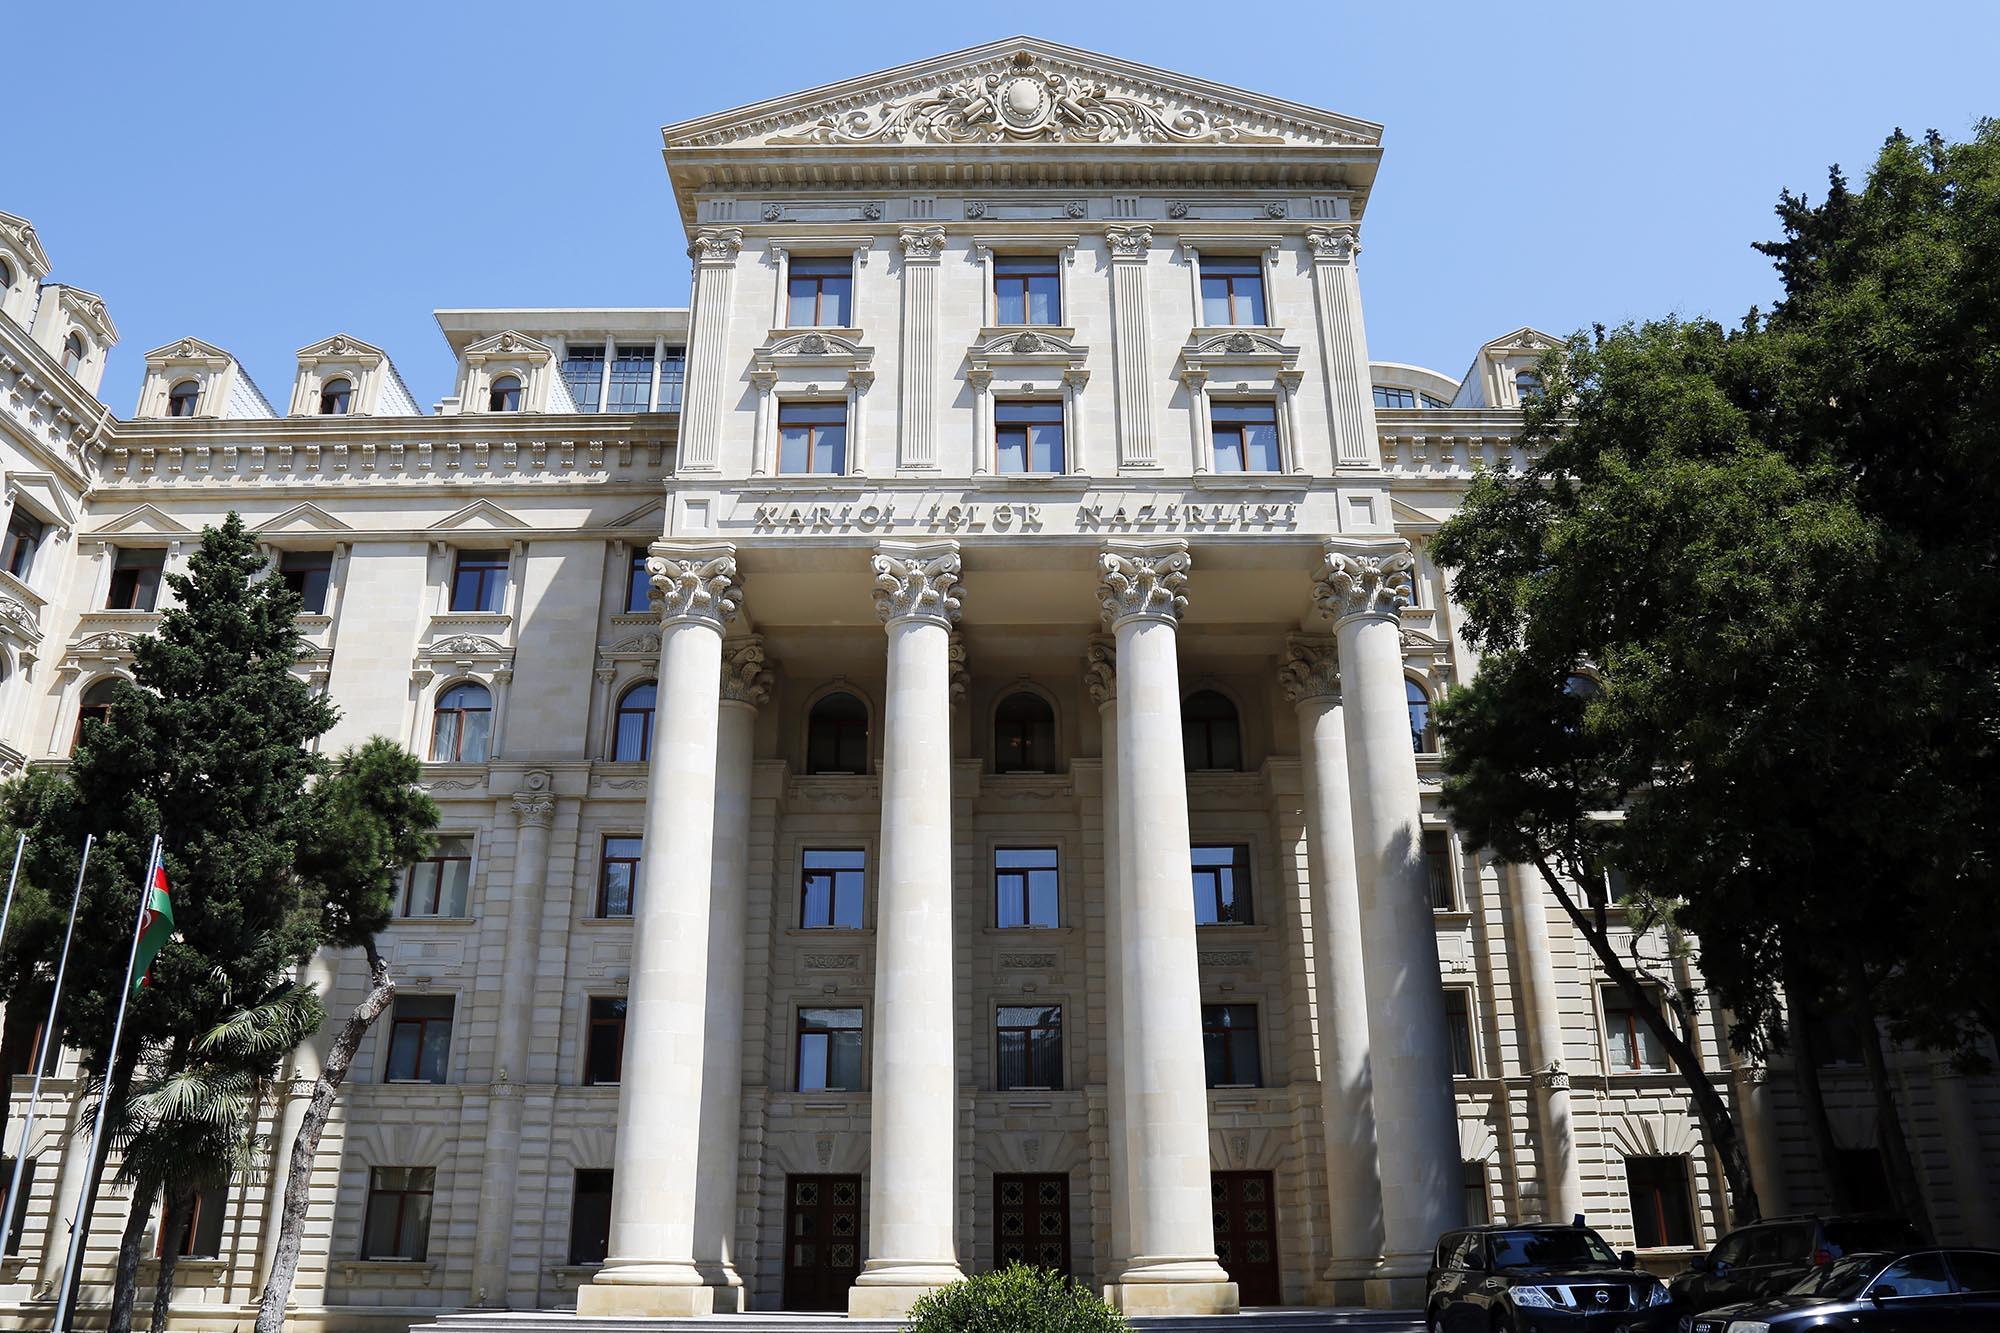 МИД Азербайджана прокомментировало информацию о наличии в дипмиссиях сотрудников МНБ